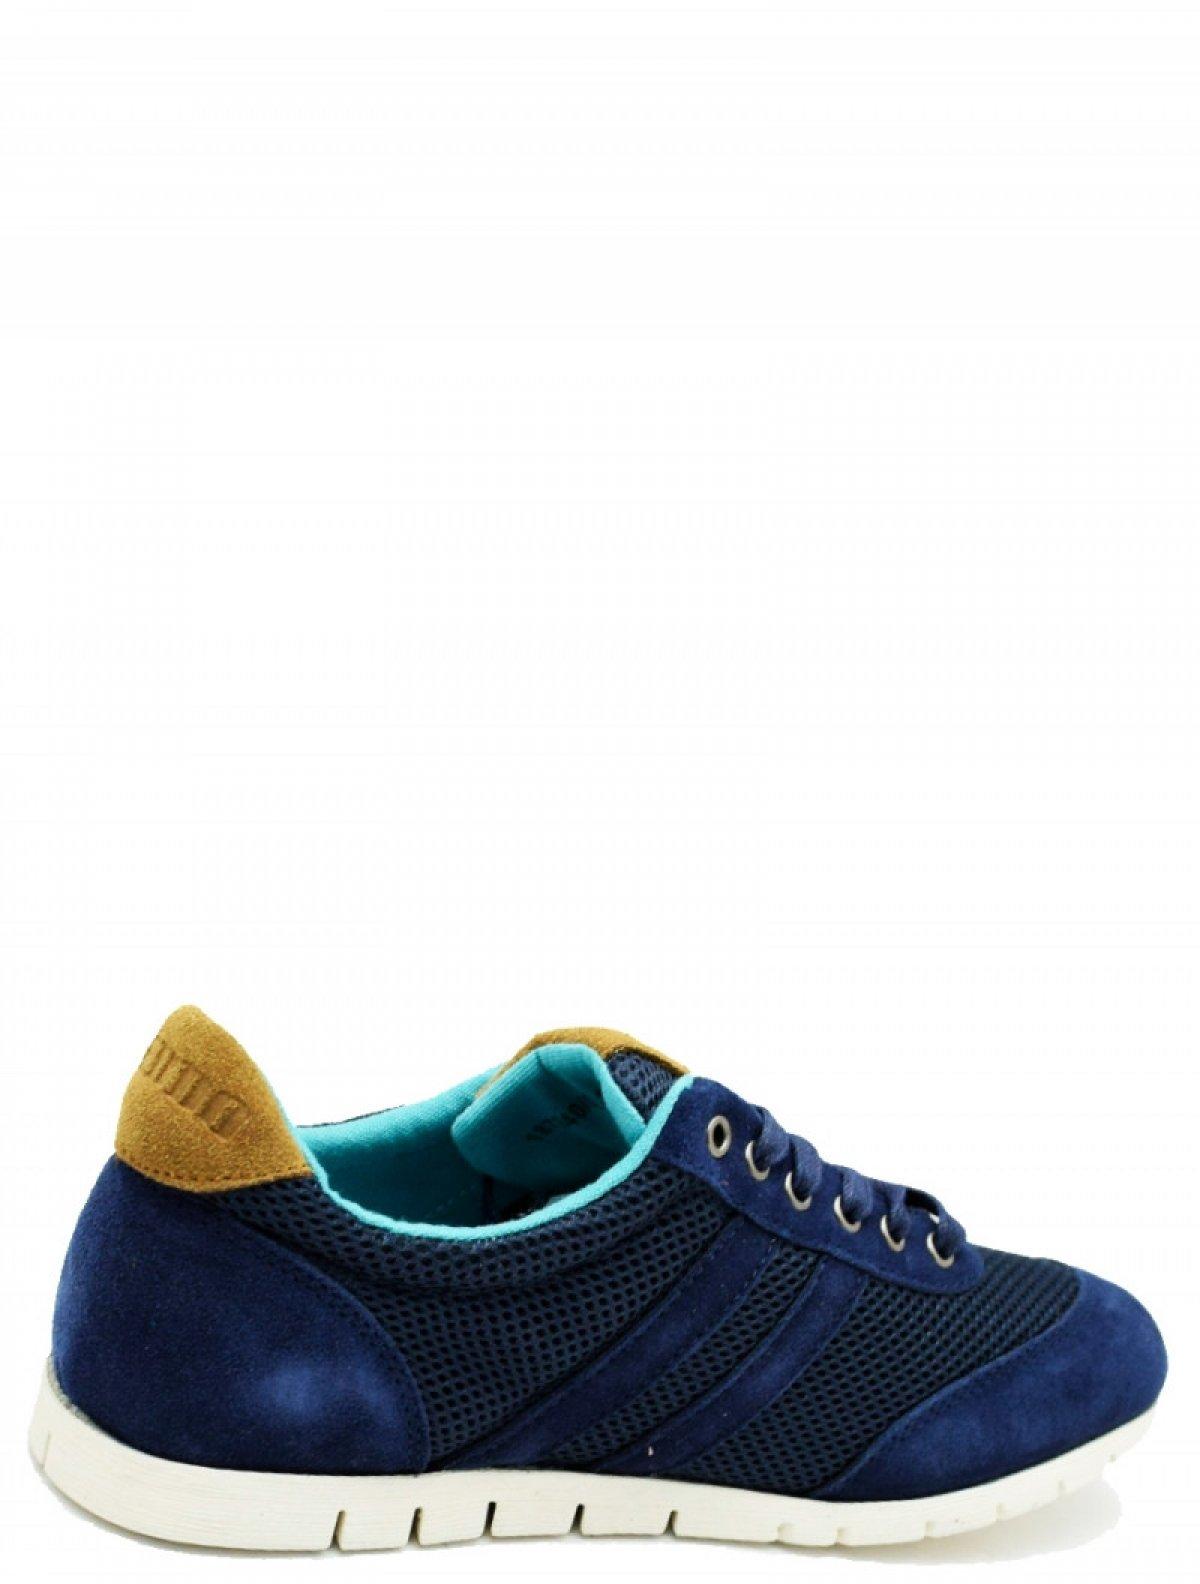 KEDDO 187240/02-04 мужские кроссовки